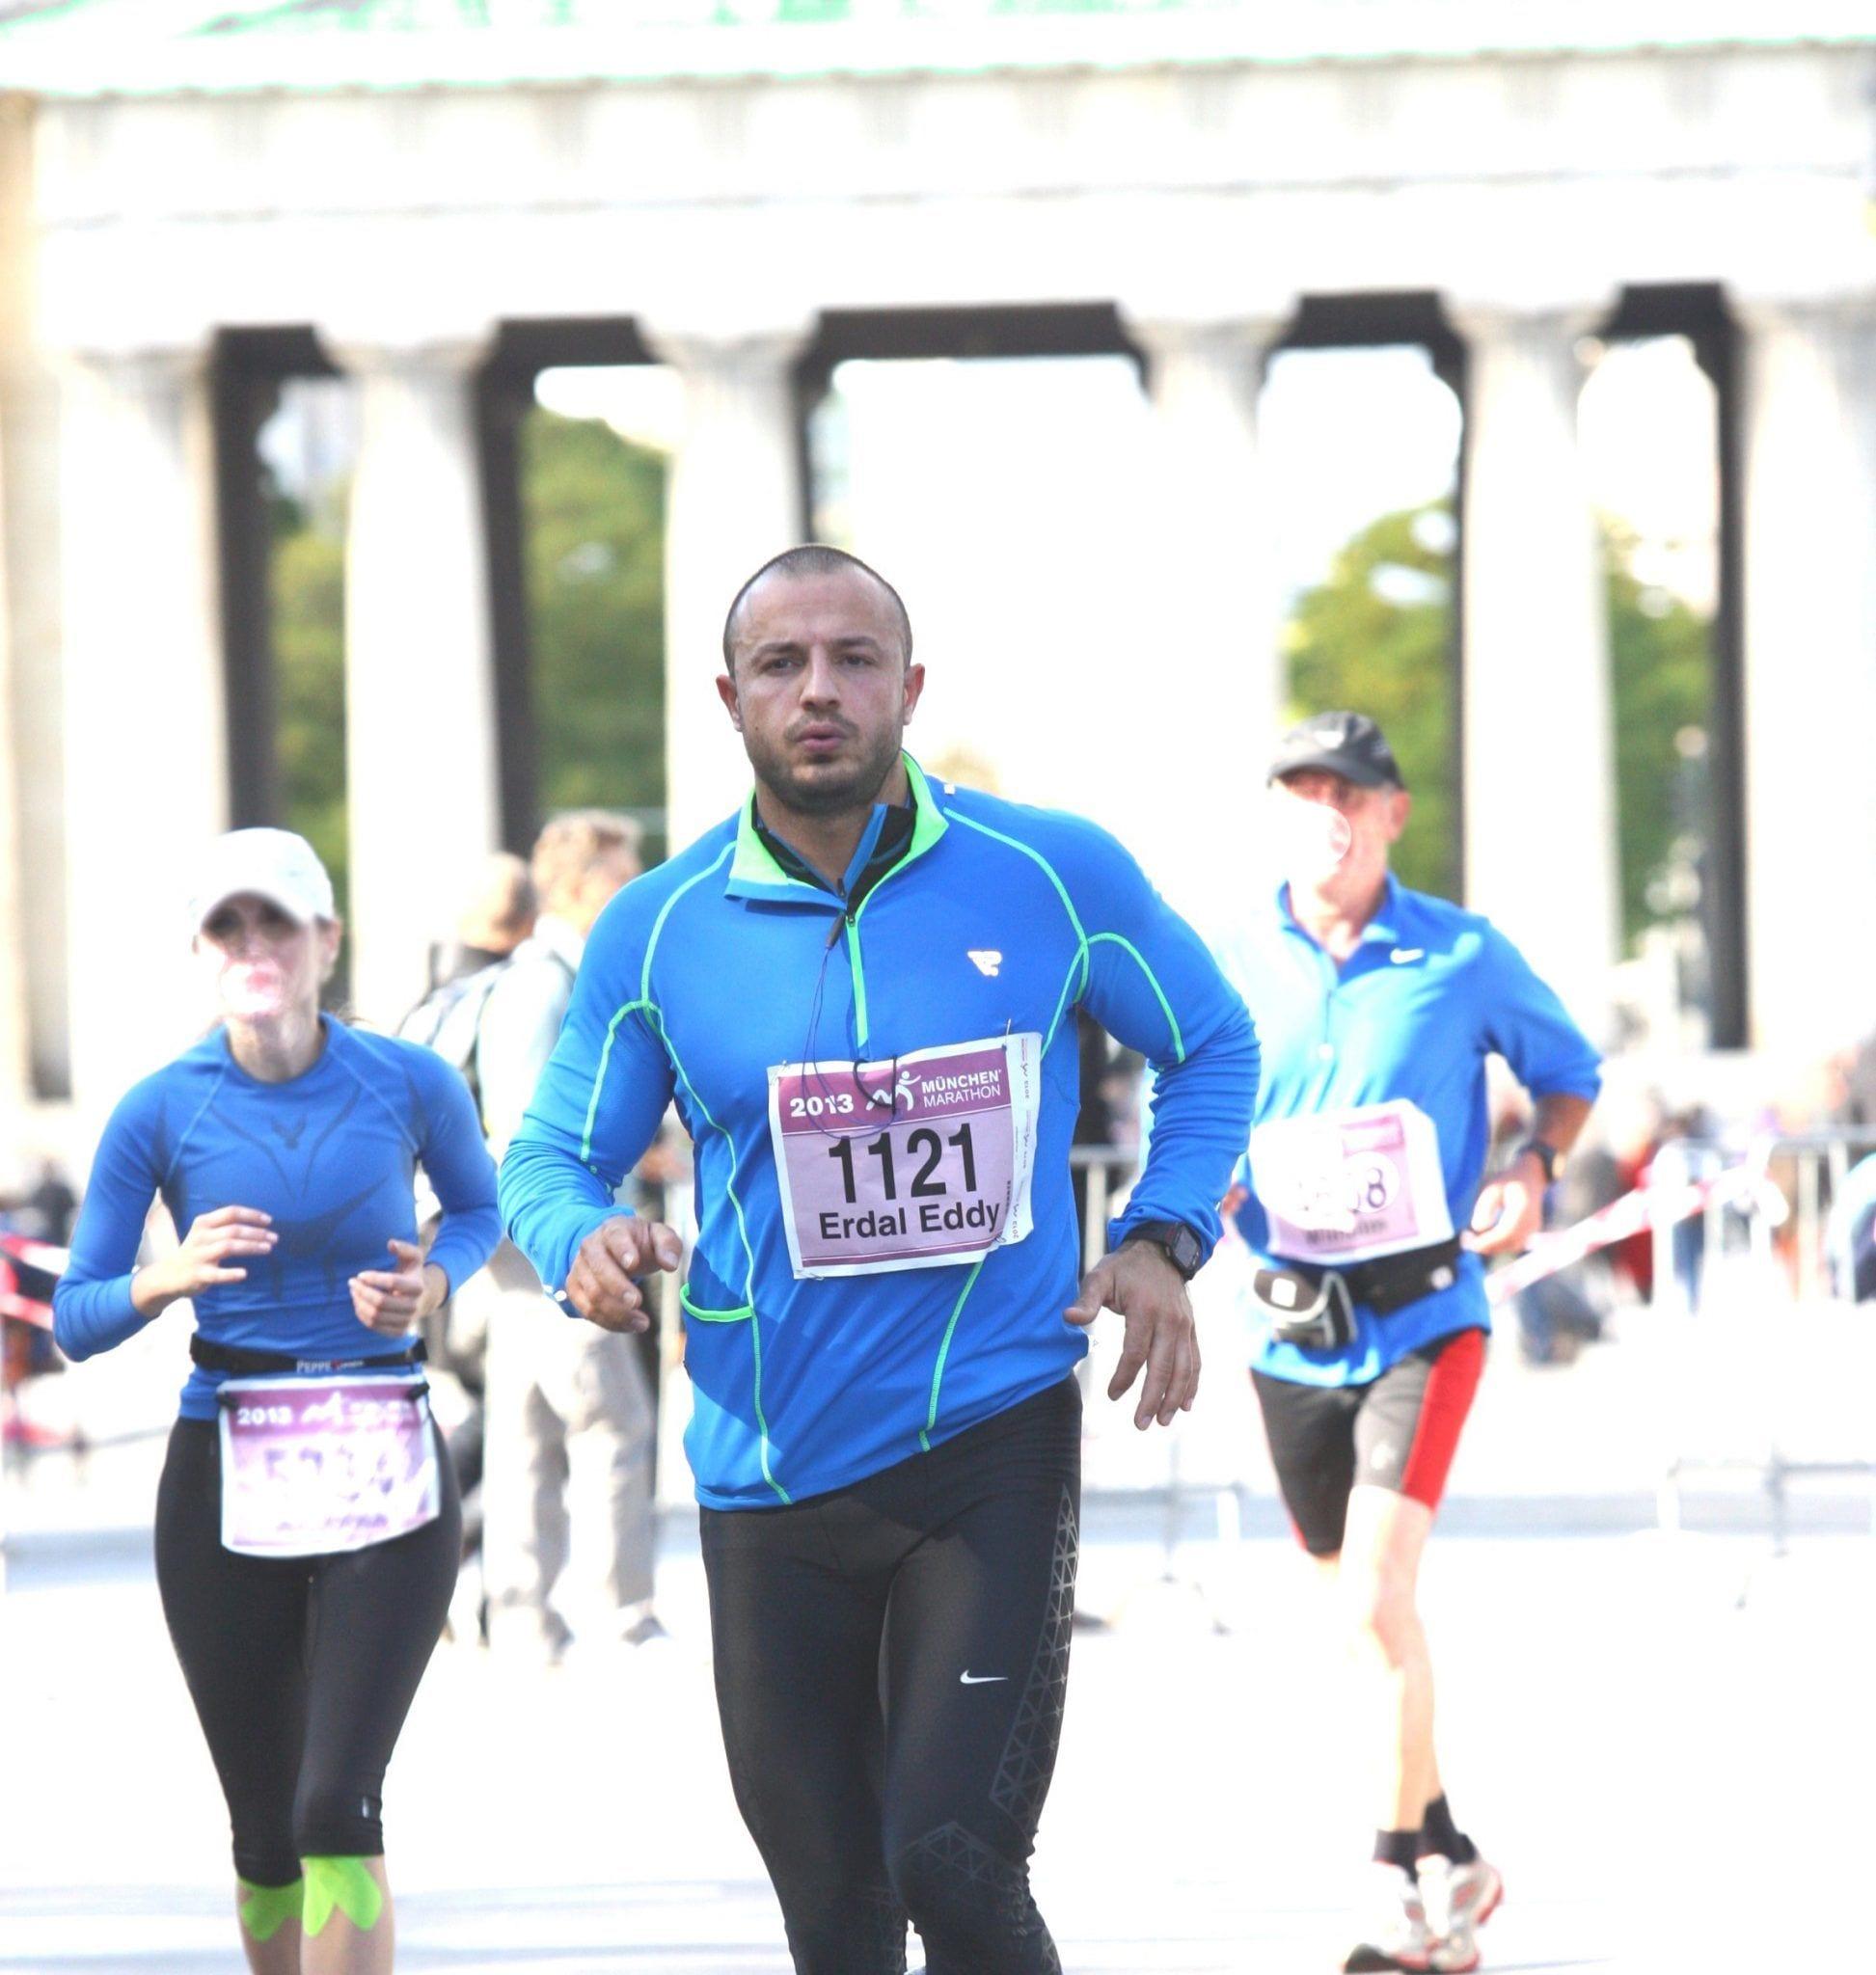 Marathonlauf mit Personaltrainer Eddy